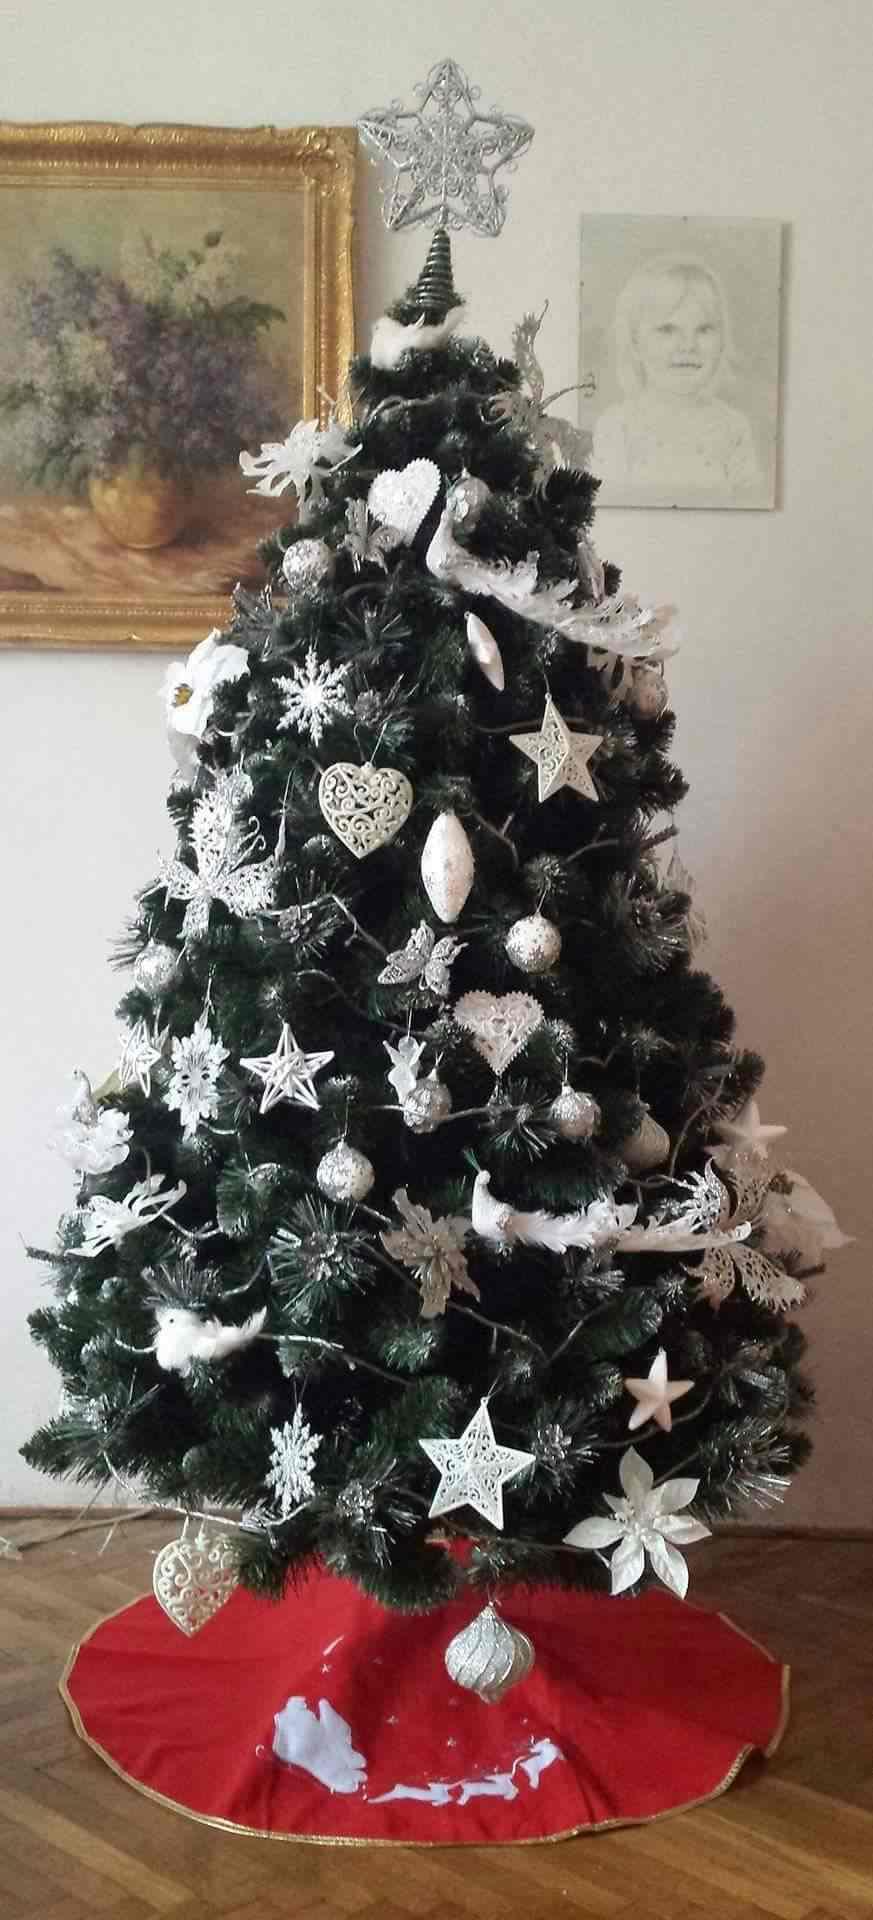 9a93e7b3e Ozdoby na vianočný stromček môžu byť zladené iba do jednej farby. Populárna  je tohtoročnú sezónu biela, ktorá je nenápadná, ale pritom nevšedná.